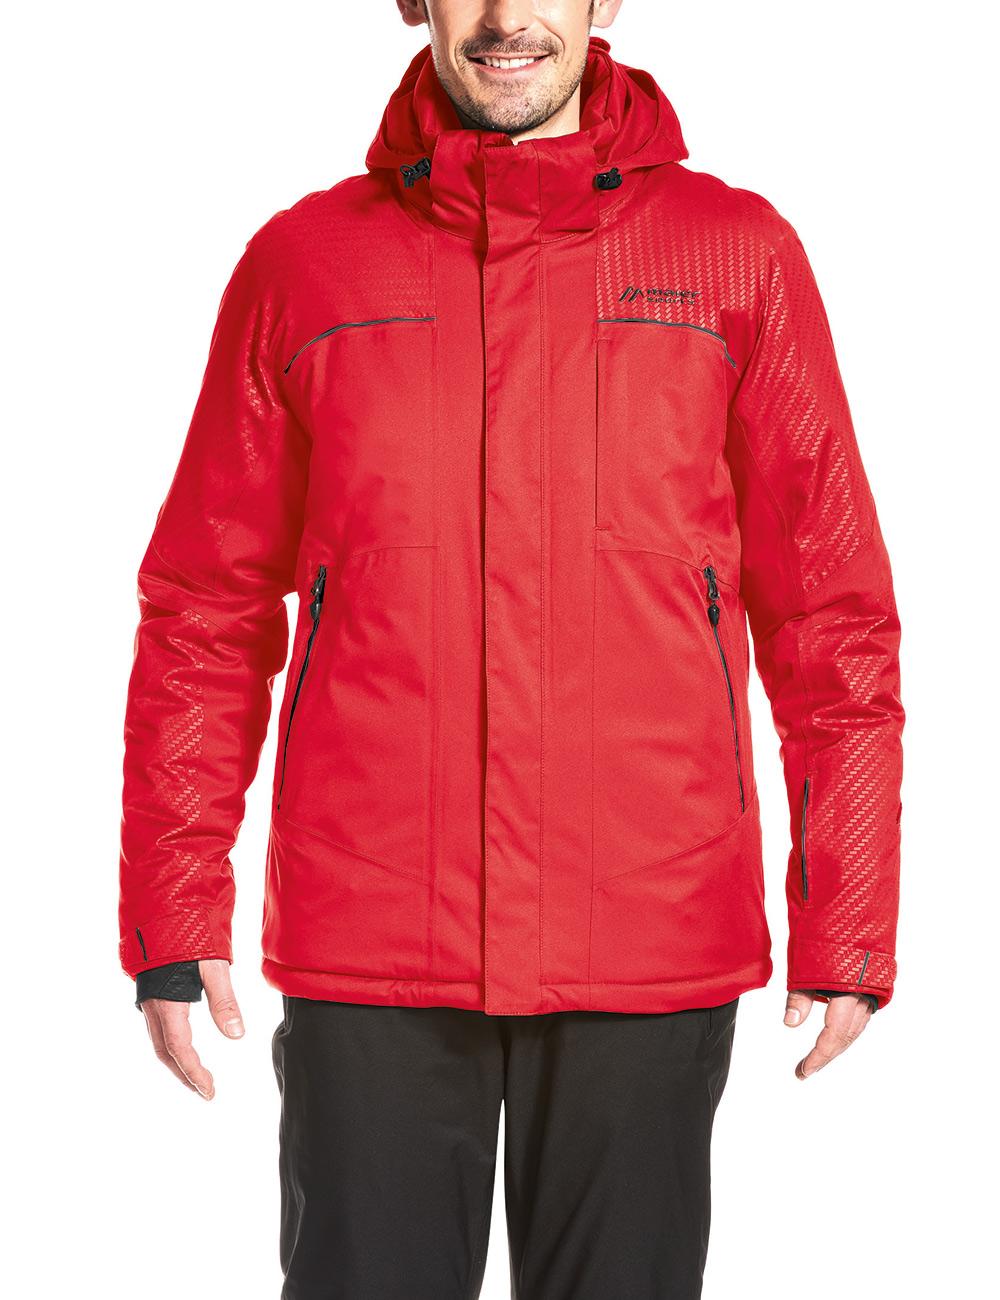 Купить Куртка горнолыжная MAIER 2017-18 Stalden M chinese red Одежда 1346877